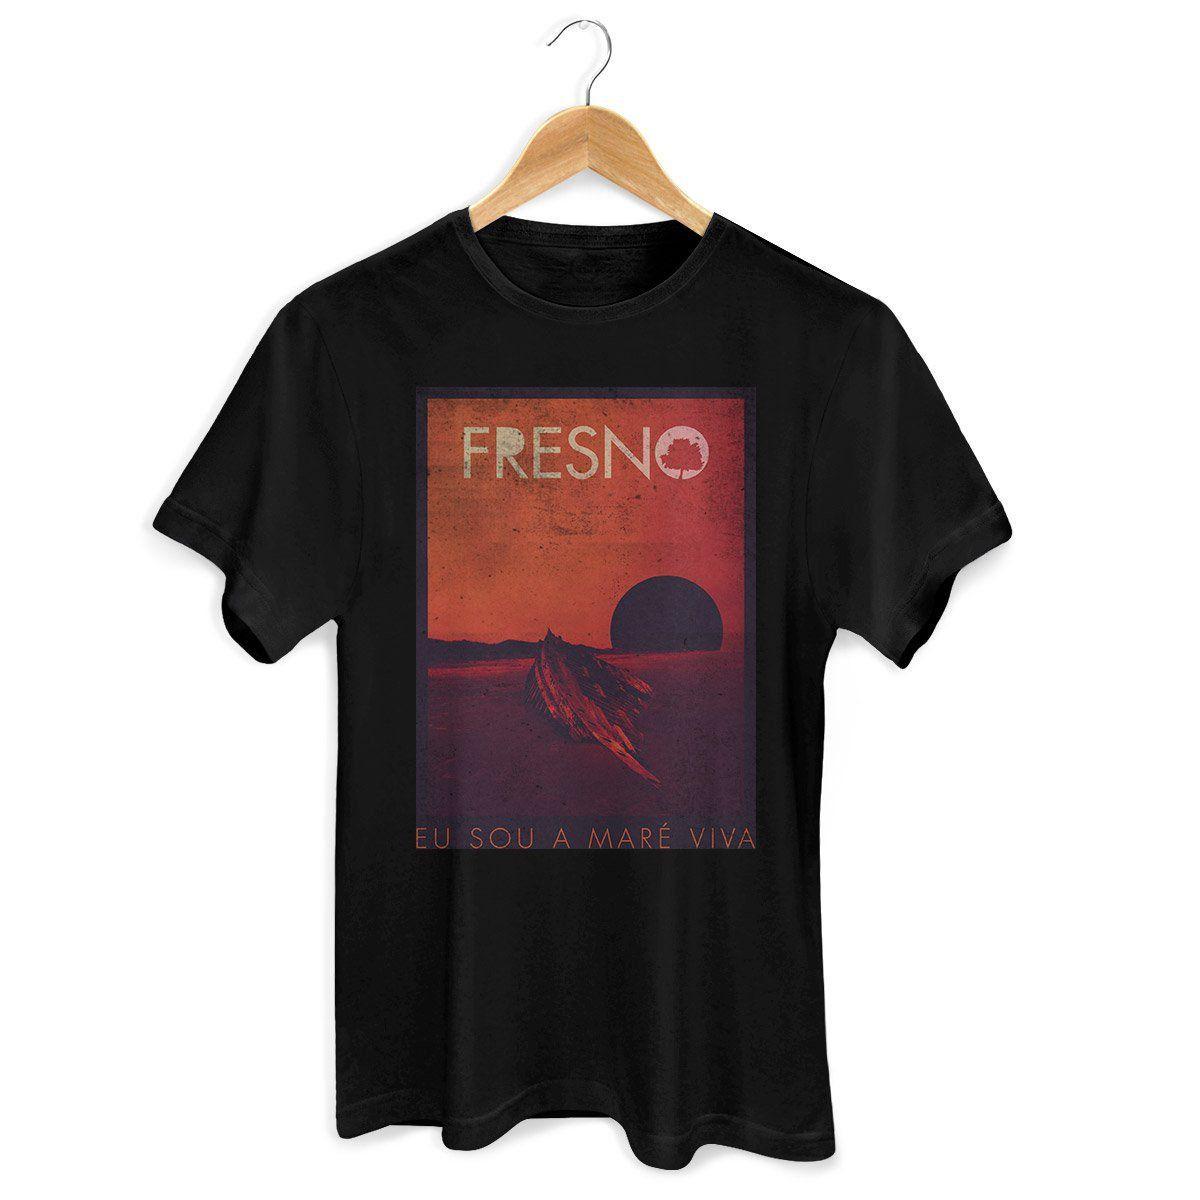 Camiseta Masculina Fresno - Capa Black